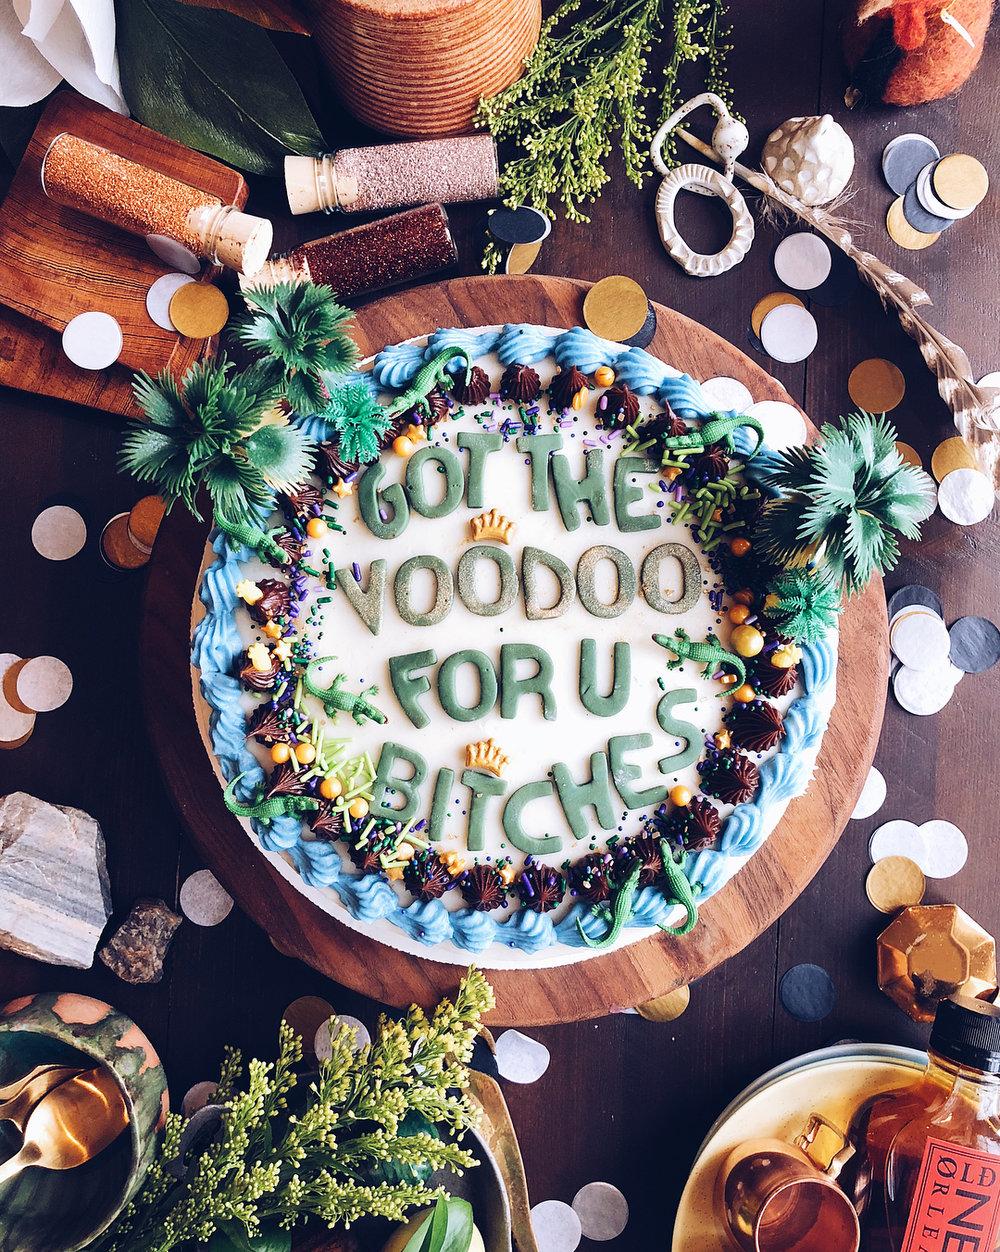 mardi gras drake on cake